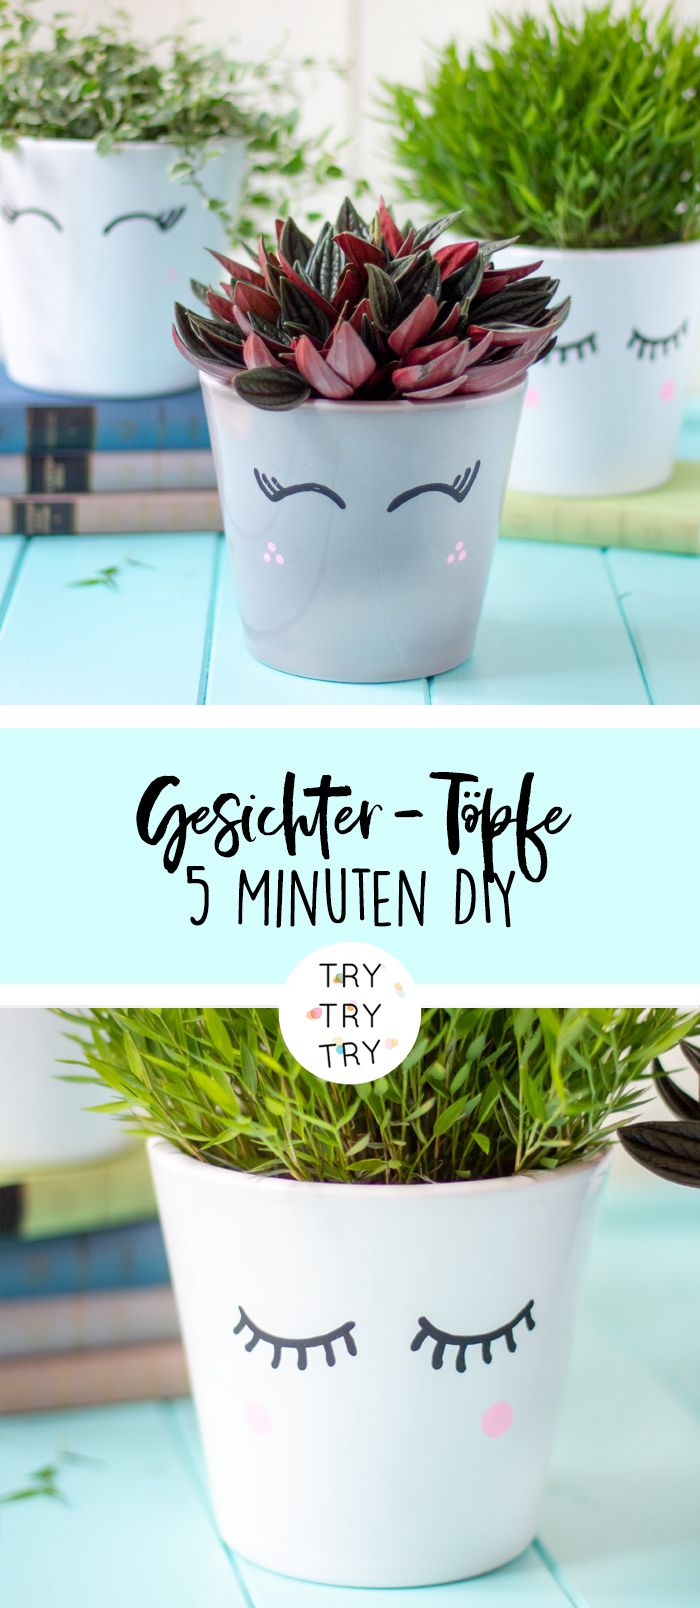 DIY Blumentopf-Upcycling & die besten Zimmerpflanzen für dein Zuhause // DIY Deko // DIY Pflanzen // Übertopf // Basteln mit Pflanzen